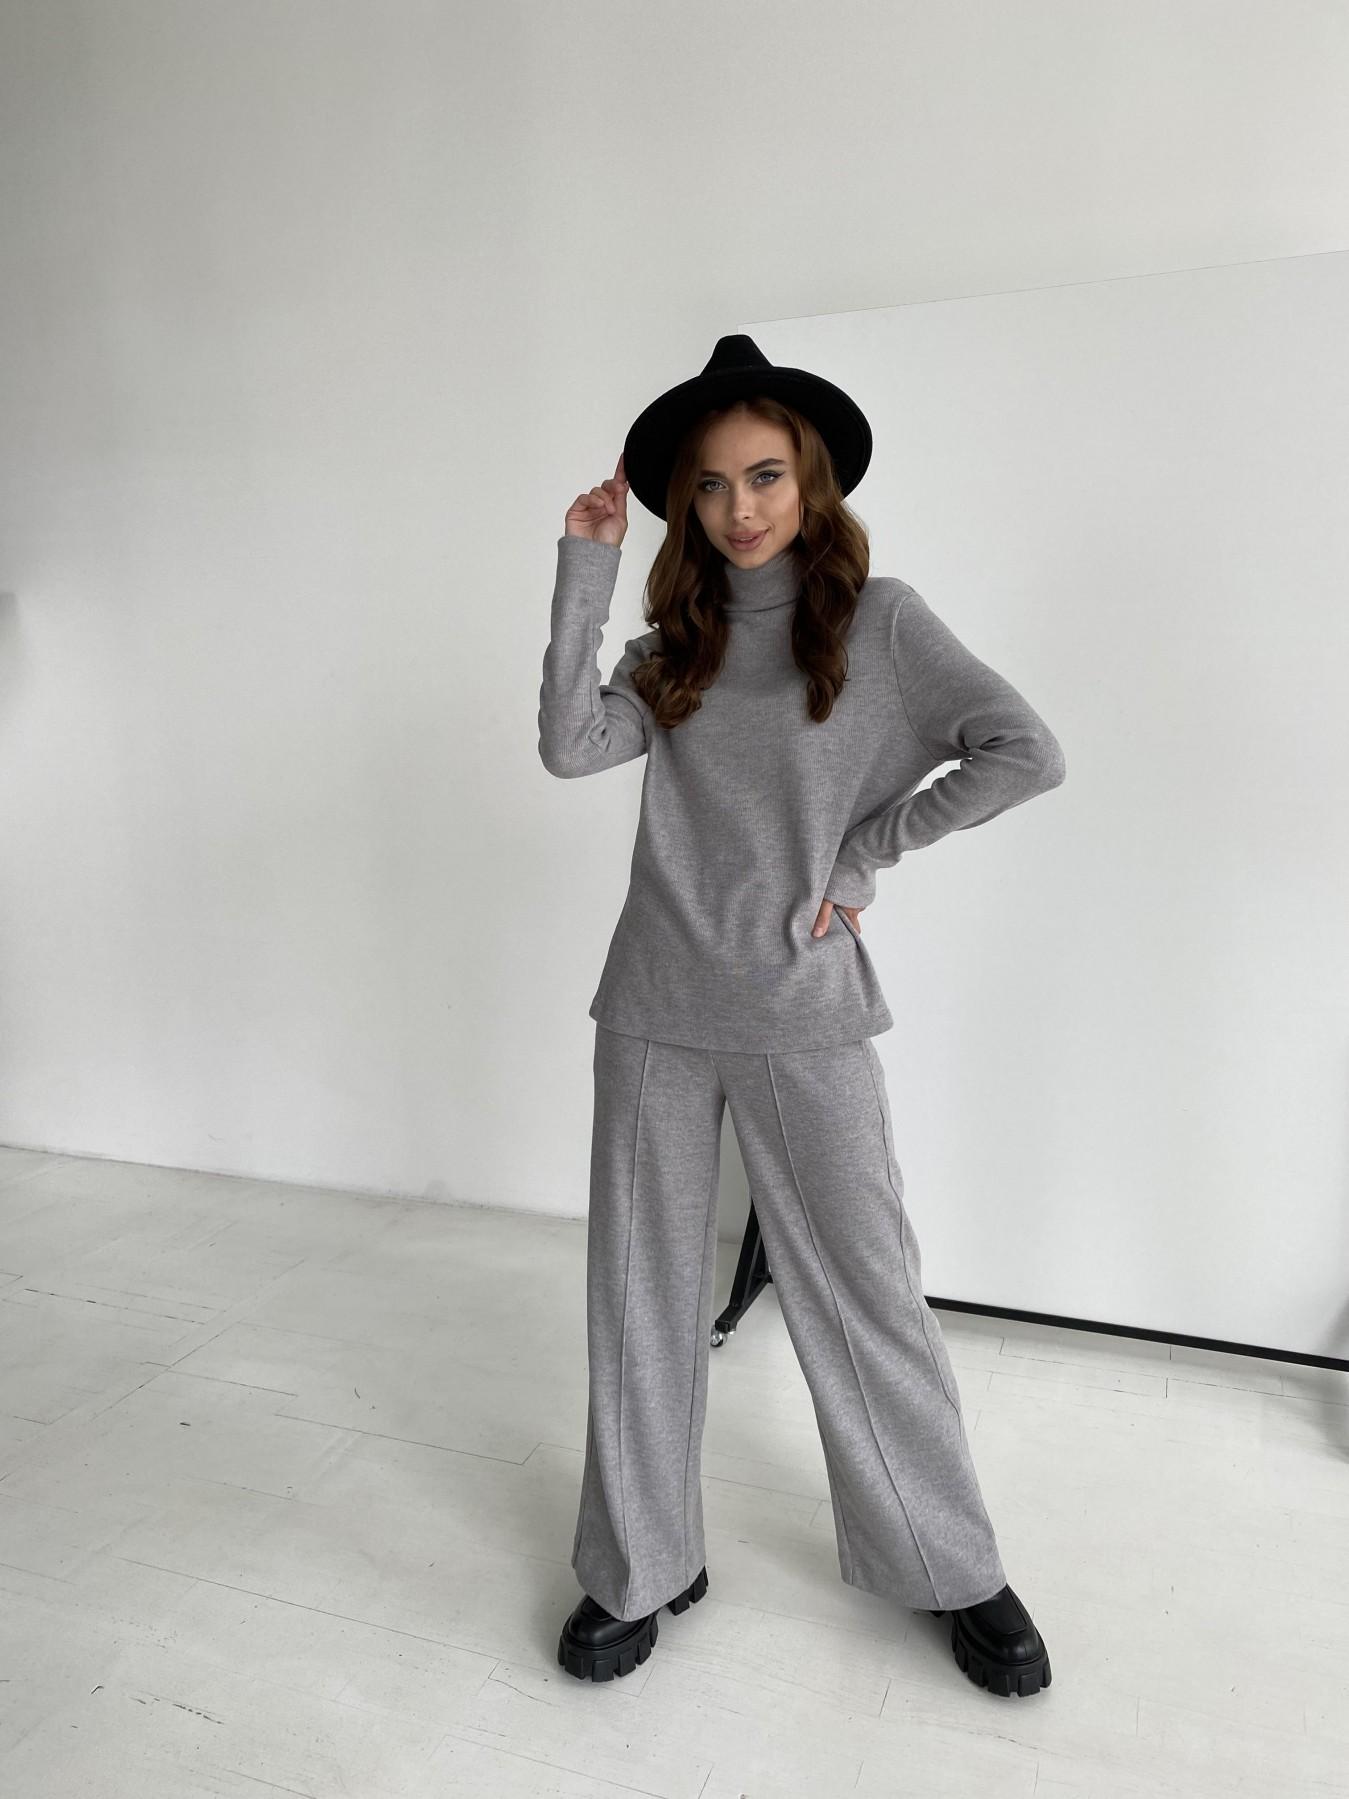 Эдем костюм из плотного трикотажа 11738 АРТ. 48444 Цвет: Серый - фото 5, интернет магазин tm-modus.ru